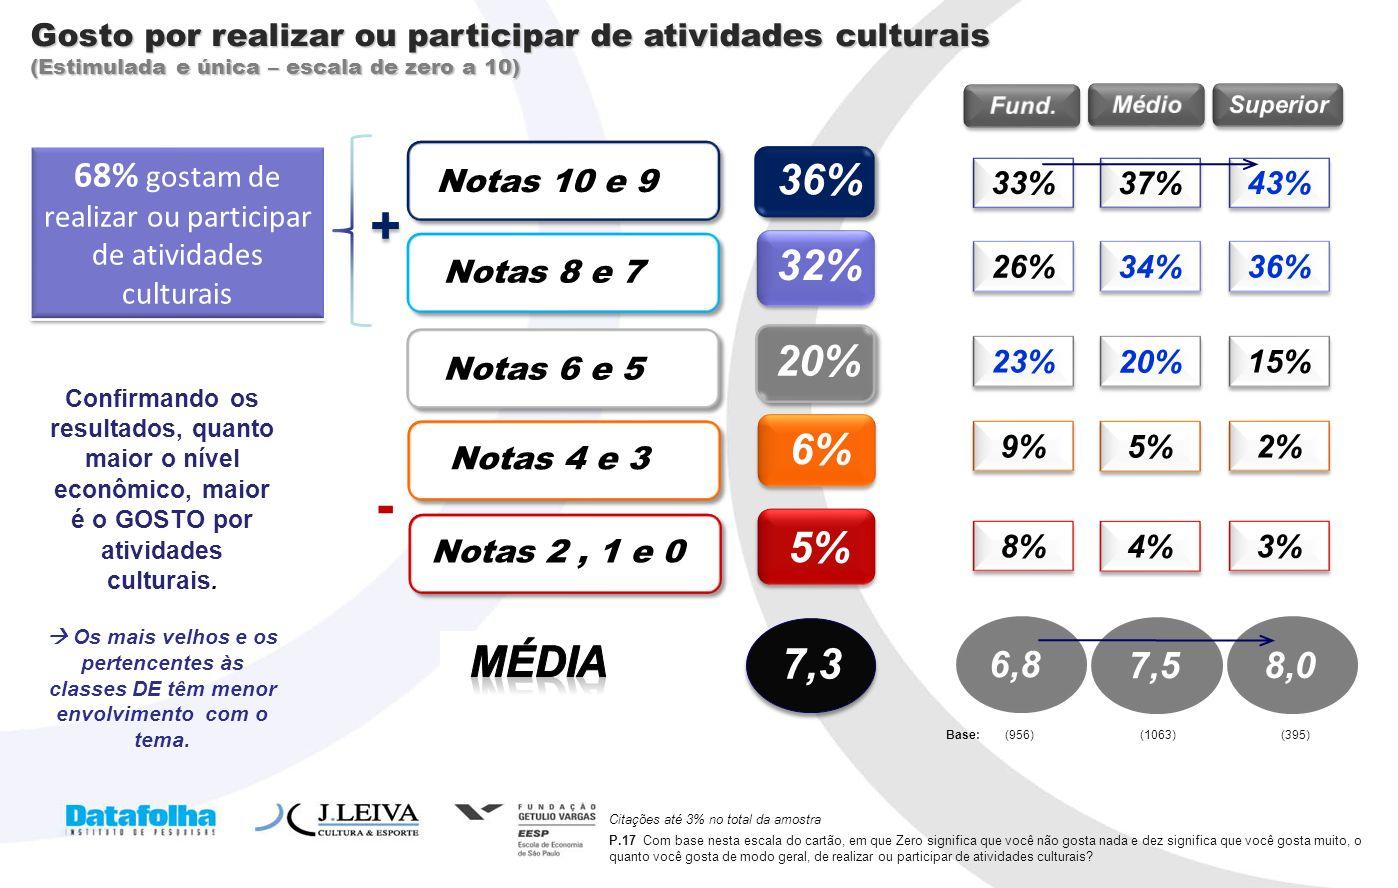 68% gostam de realizar ou participar de atividades culturais